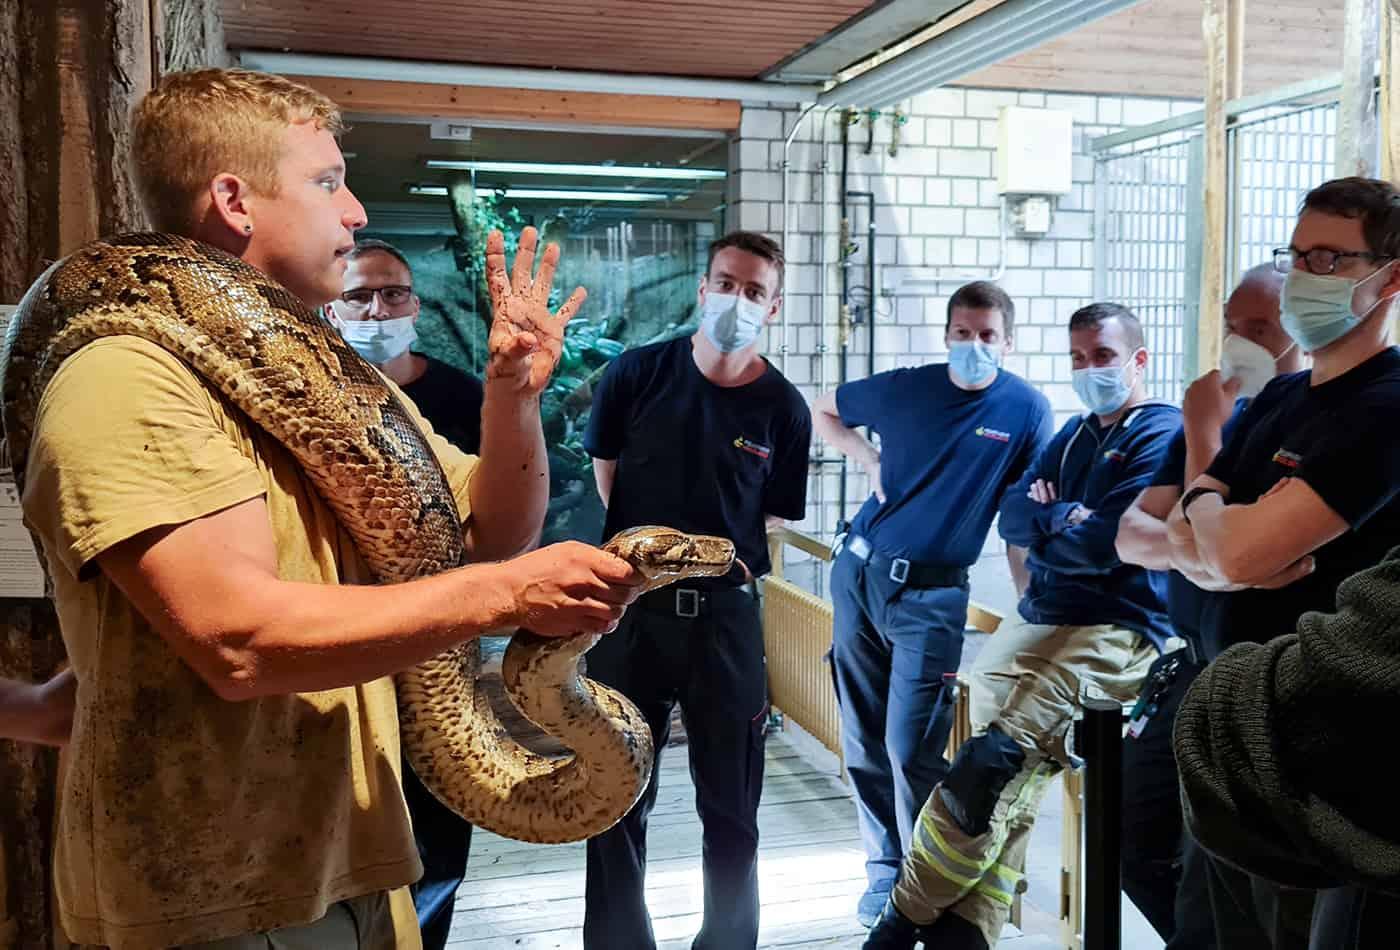 Tierpfleger Julian Oosterveen erklärt der Heidelberger Berufsfeuerwehr den richtigen Umgang mit Gefahrentieren. Im Praxisteil des Workshops konnten die Feuerwehrleute dem Tigerpython ganz nahekommen. (Foto: Zoo Heidelberg)